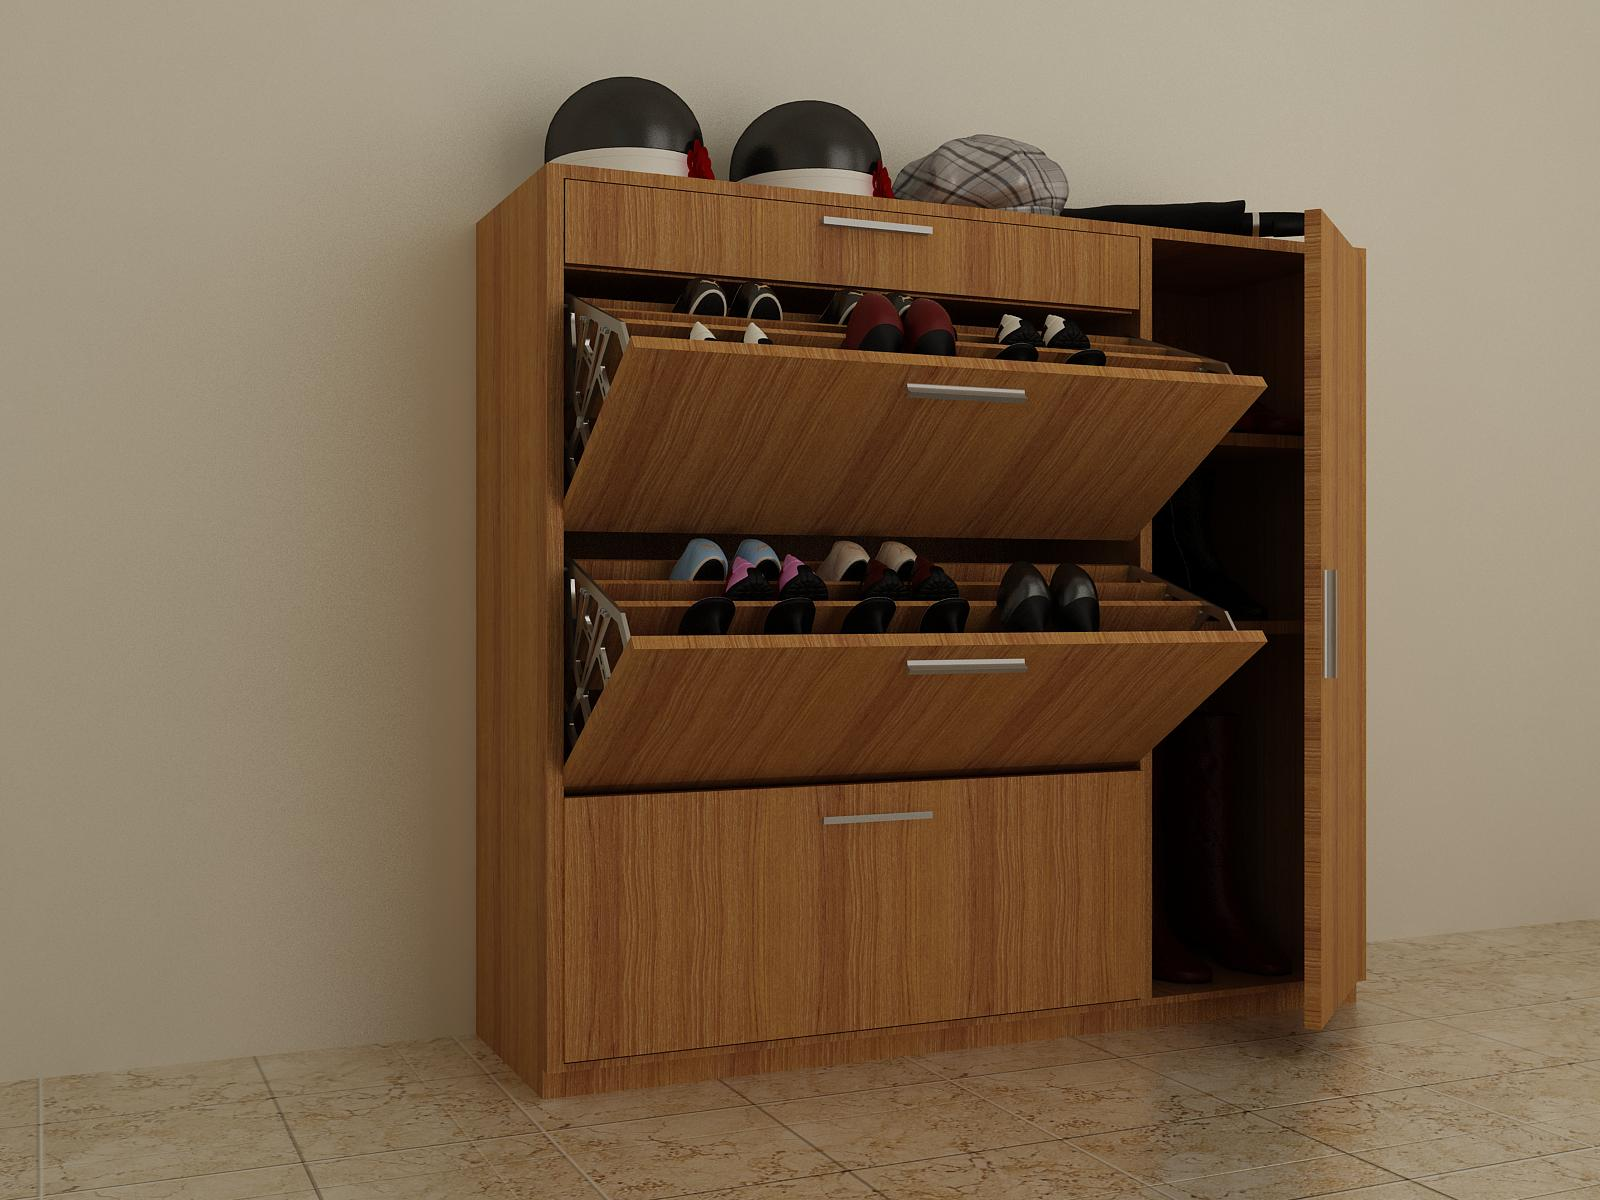 Sử dụng và bảo quản tủ để giầy đúng cách